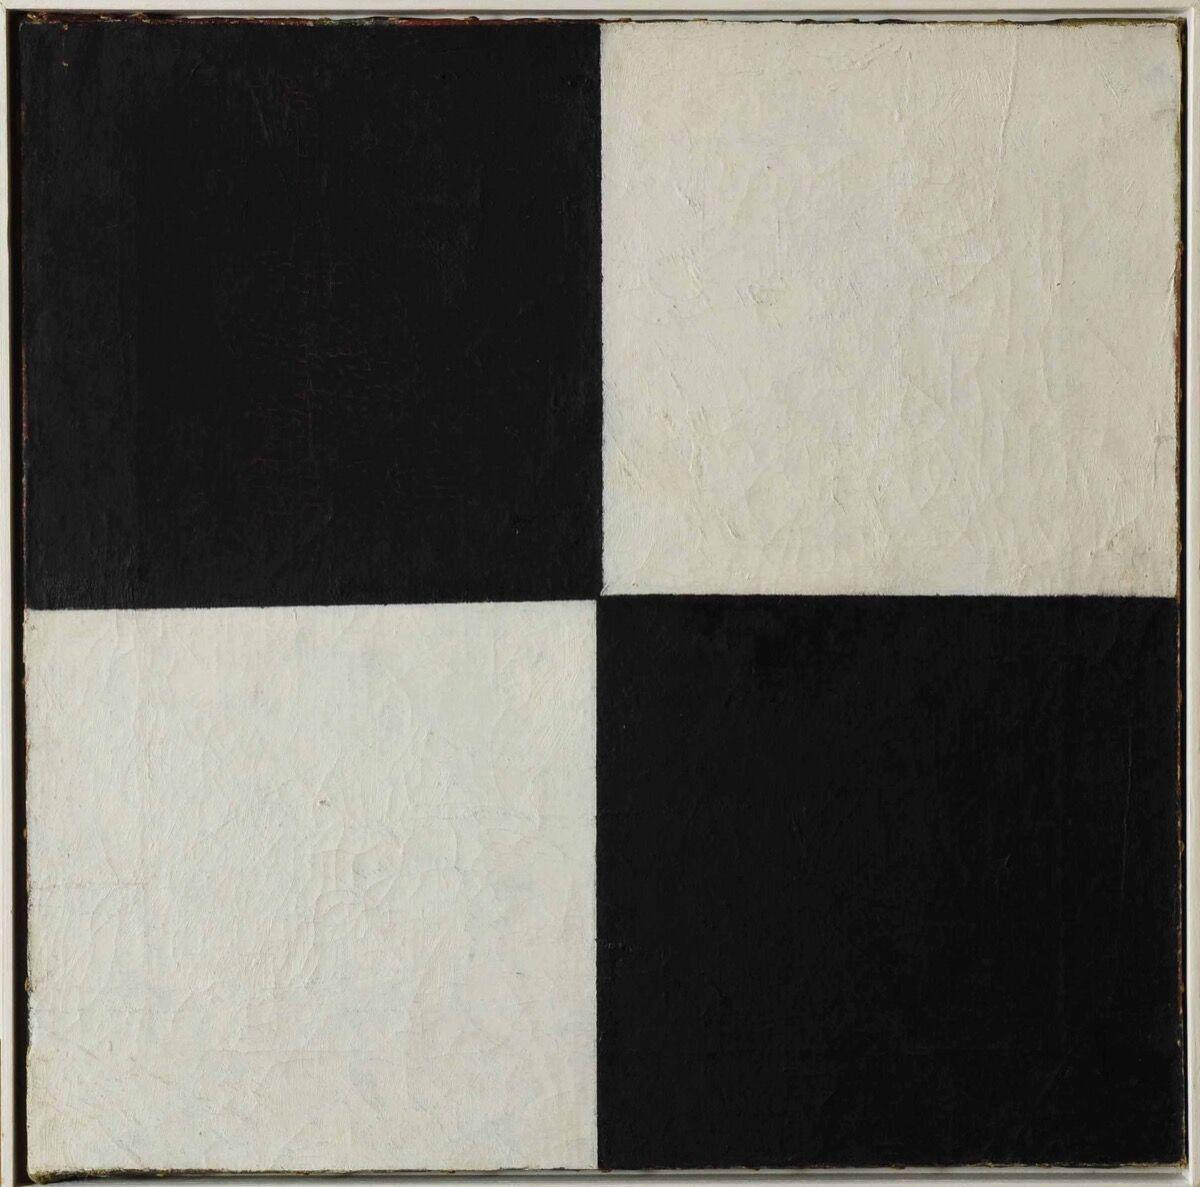 Kazimir Malevich, Four Squares, 1915. Courtesy of the Museo Nacional Centro de Arte Reina Sofía.